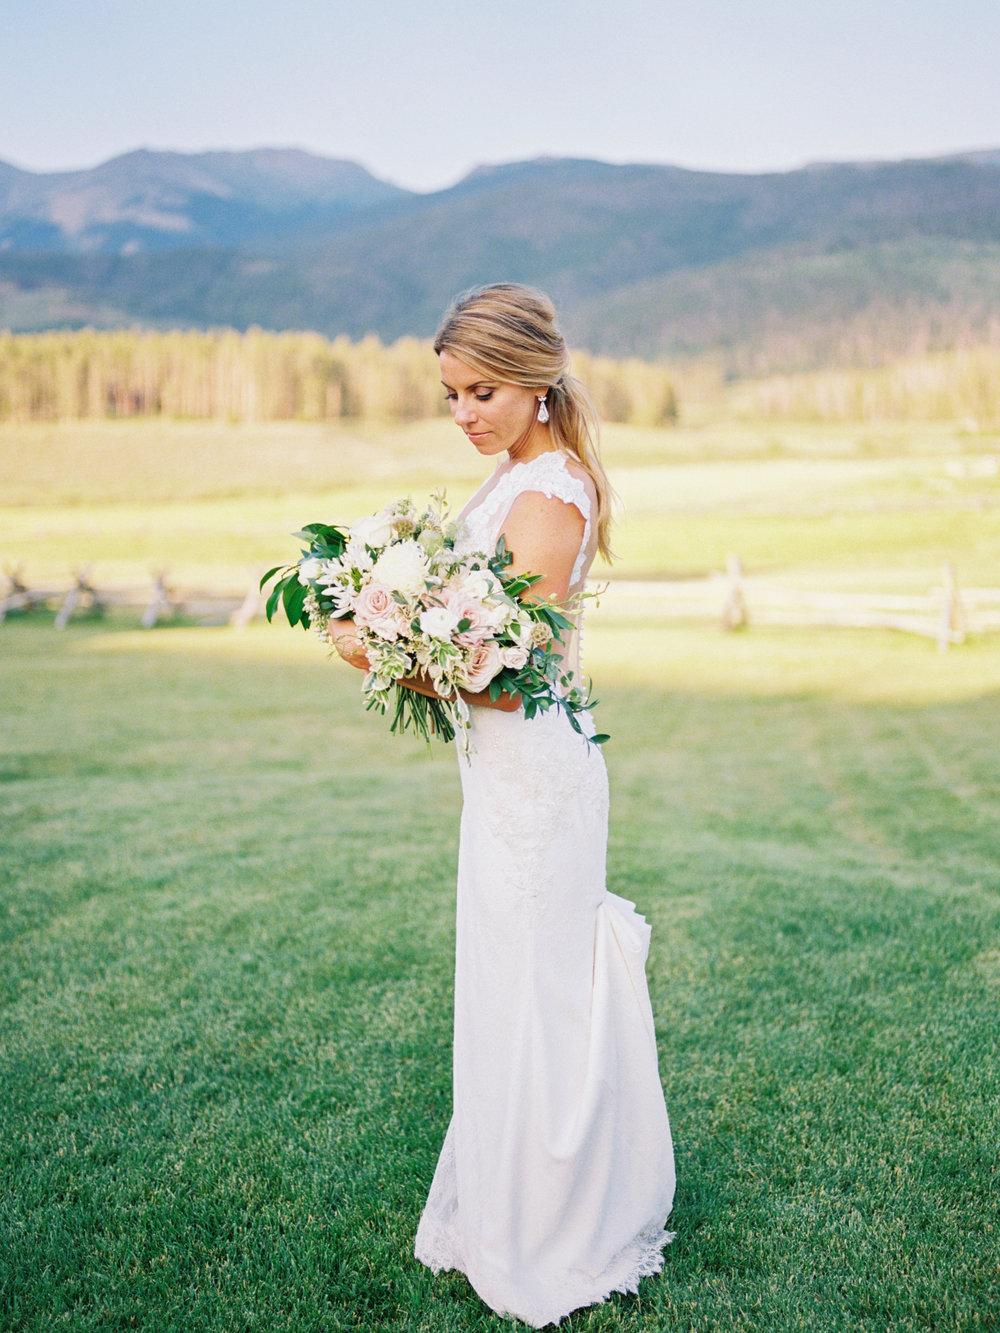 Tara_Bielecki_Photography_Brooke_Bryan_Wedding_508.jpg